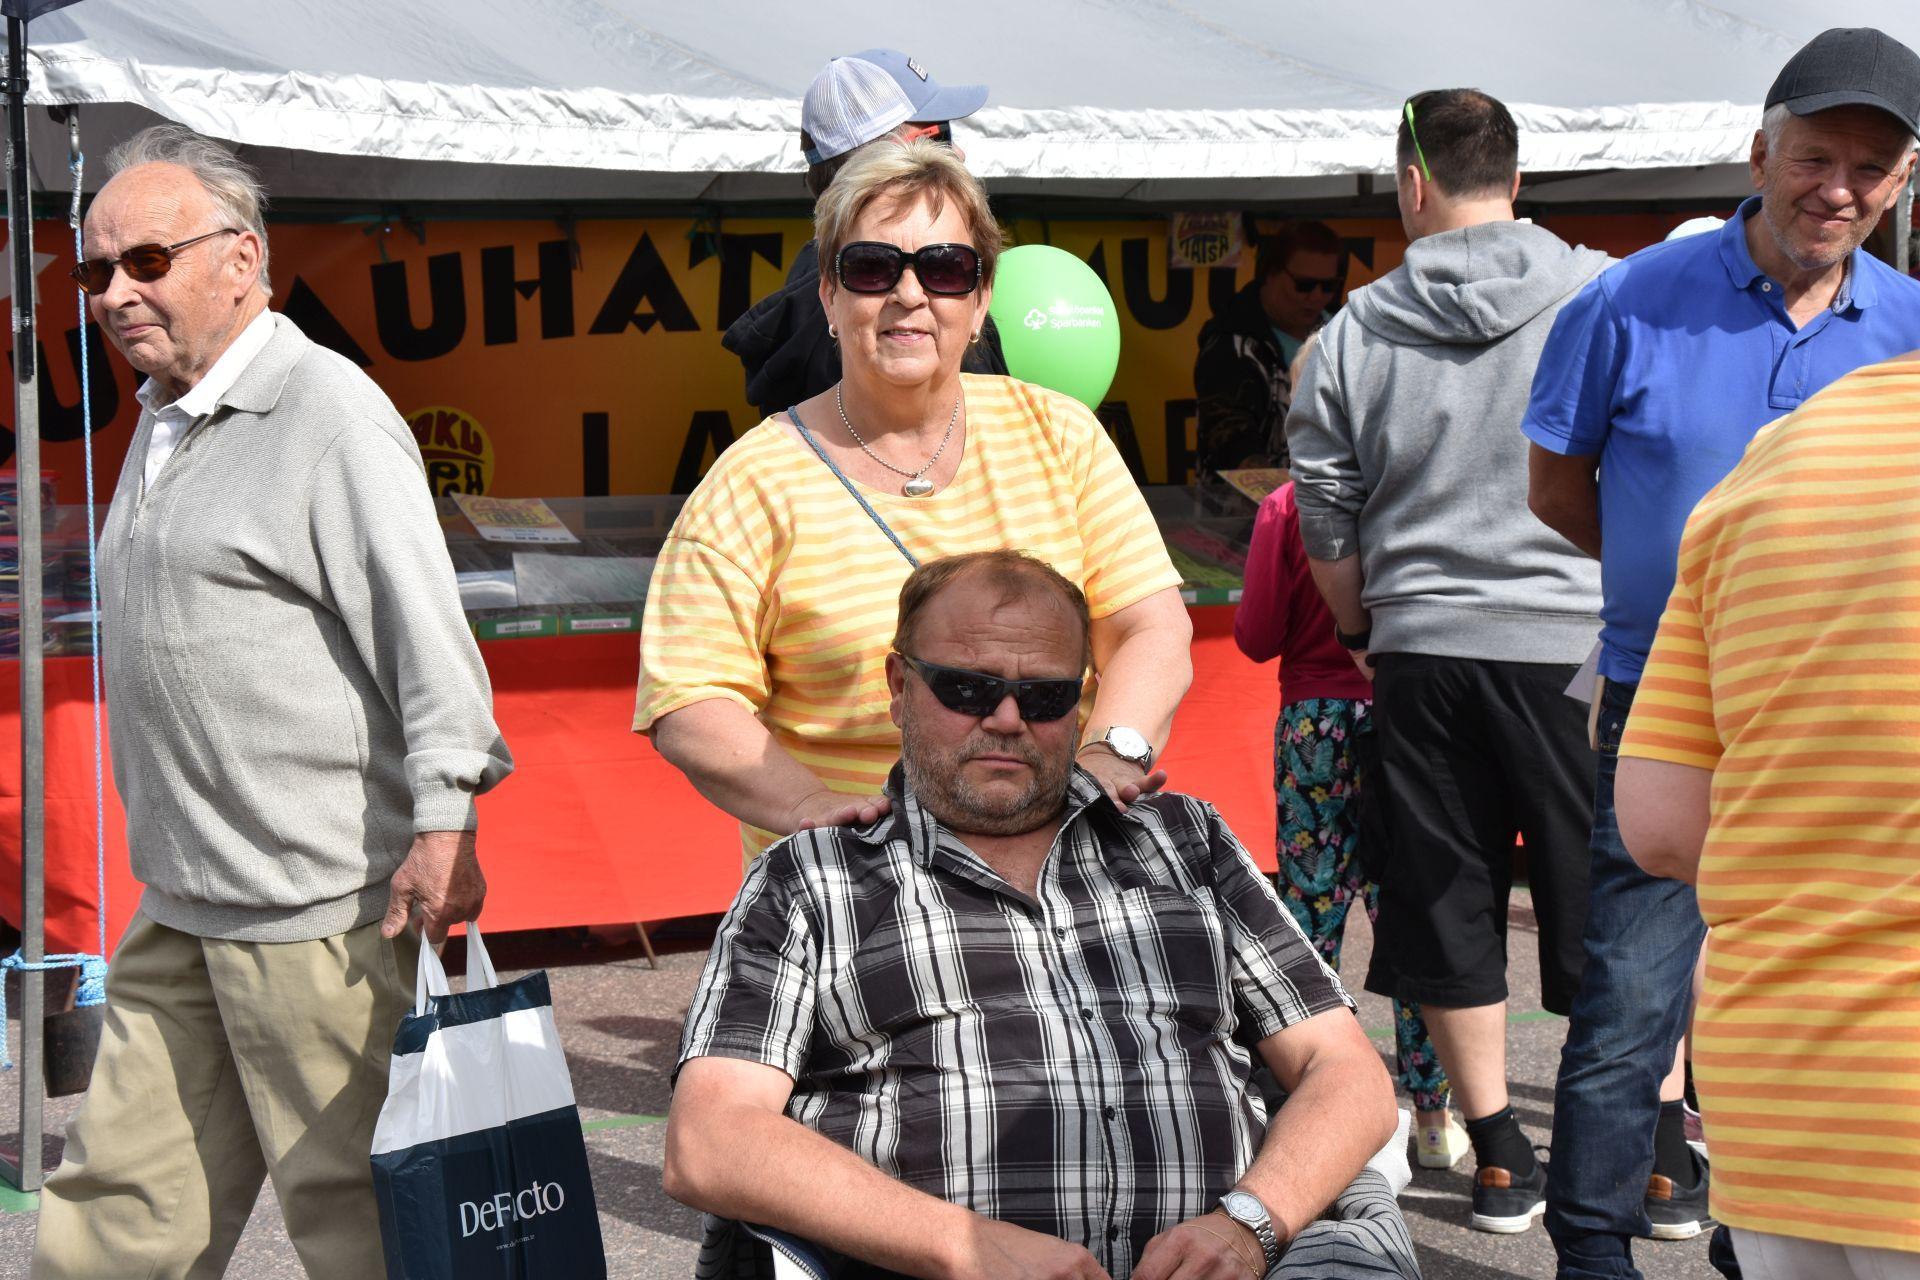 En man sitter i en stol och blir masserad av en kvinna. I bakgrunden rör sig människor.